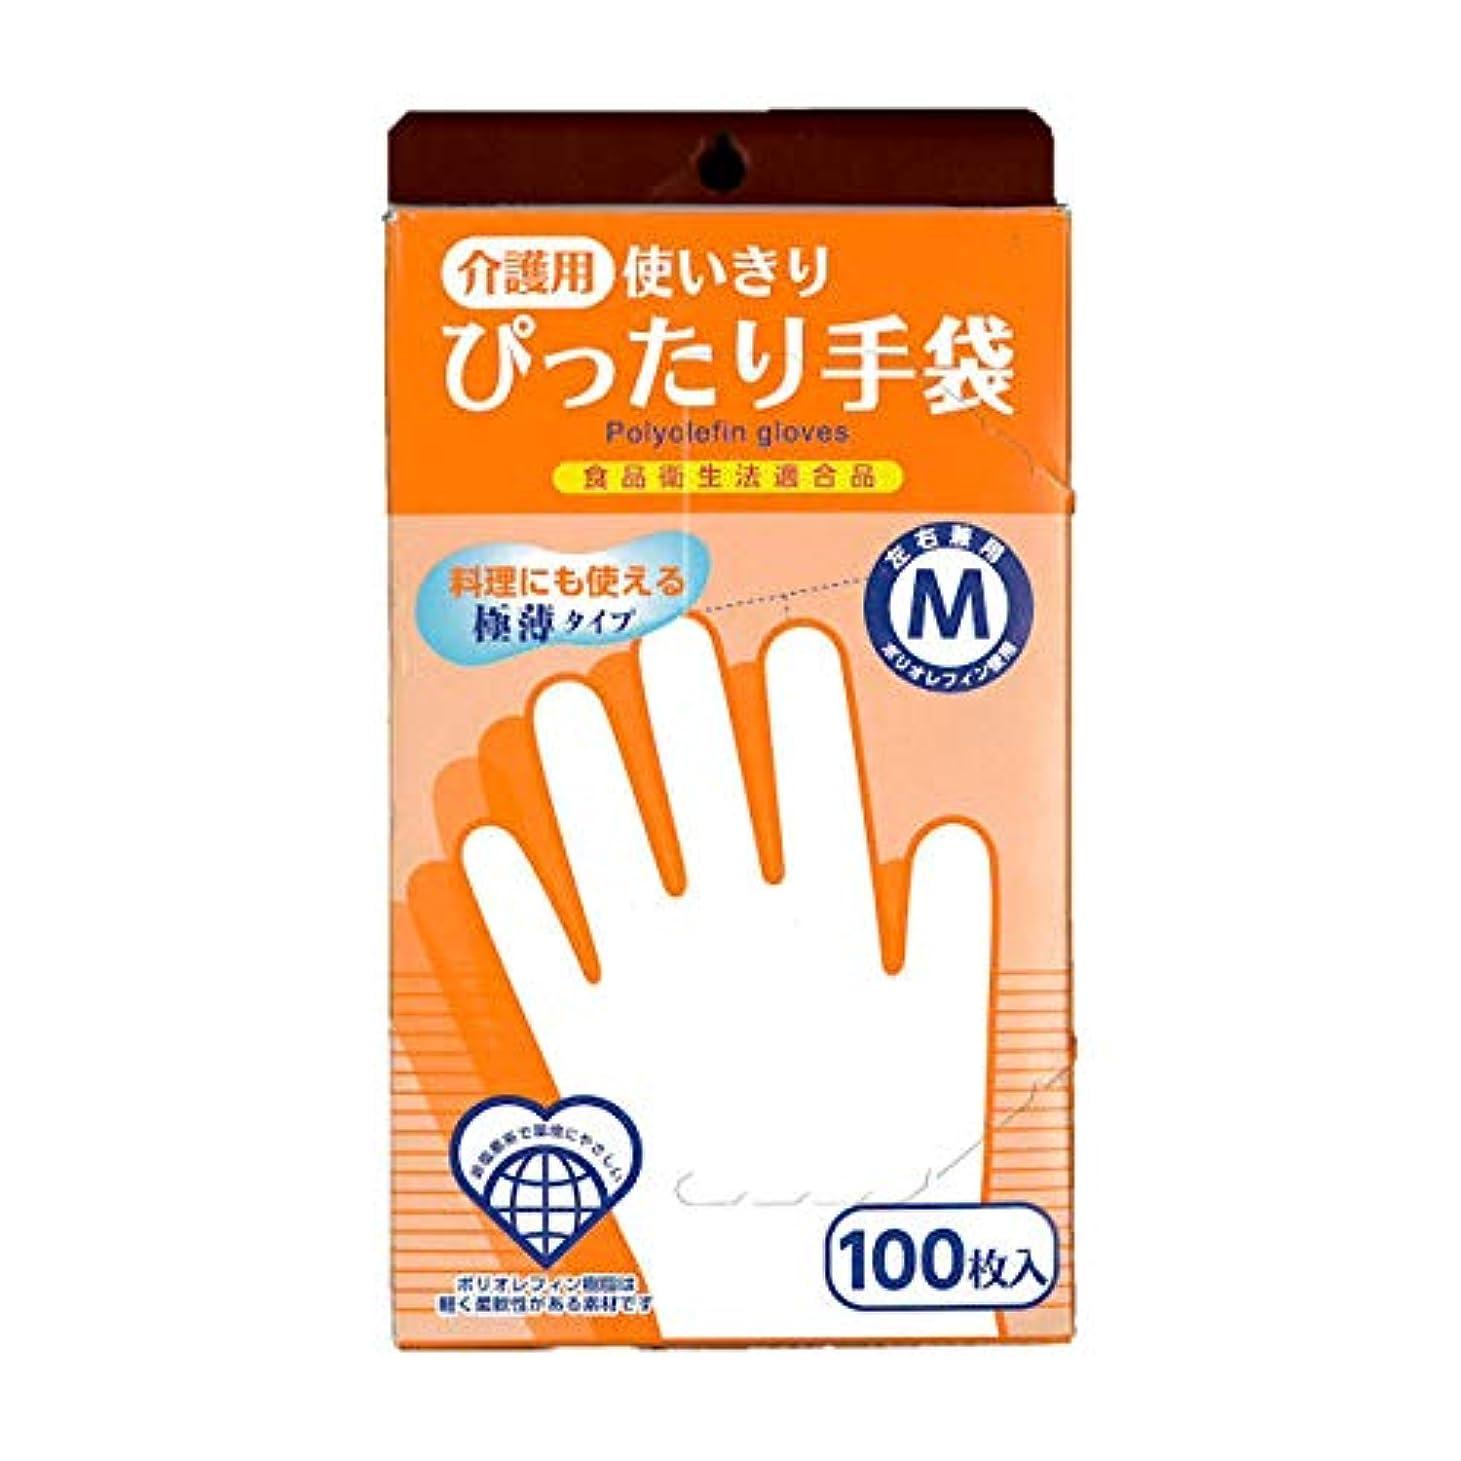 応答大胆不敵処方奥田薬品 介護用 使いきりぴったり手袋 Mサイズ 100枚